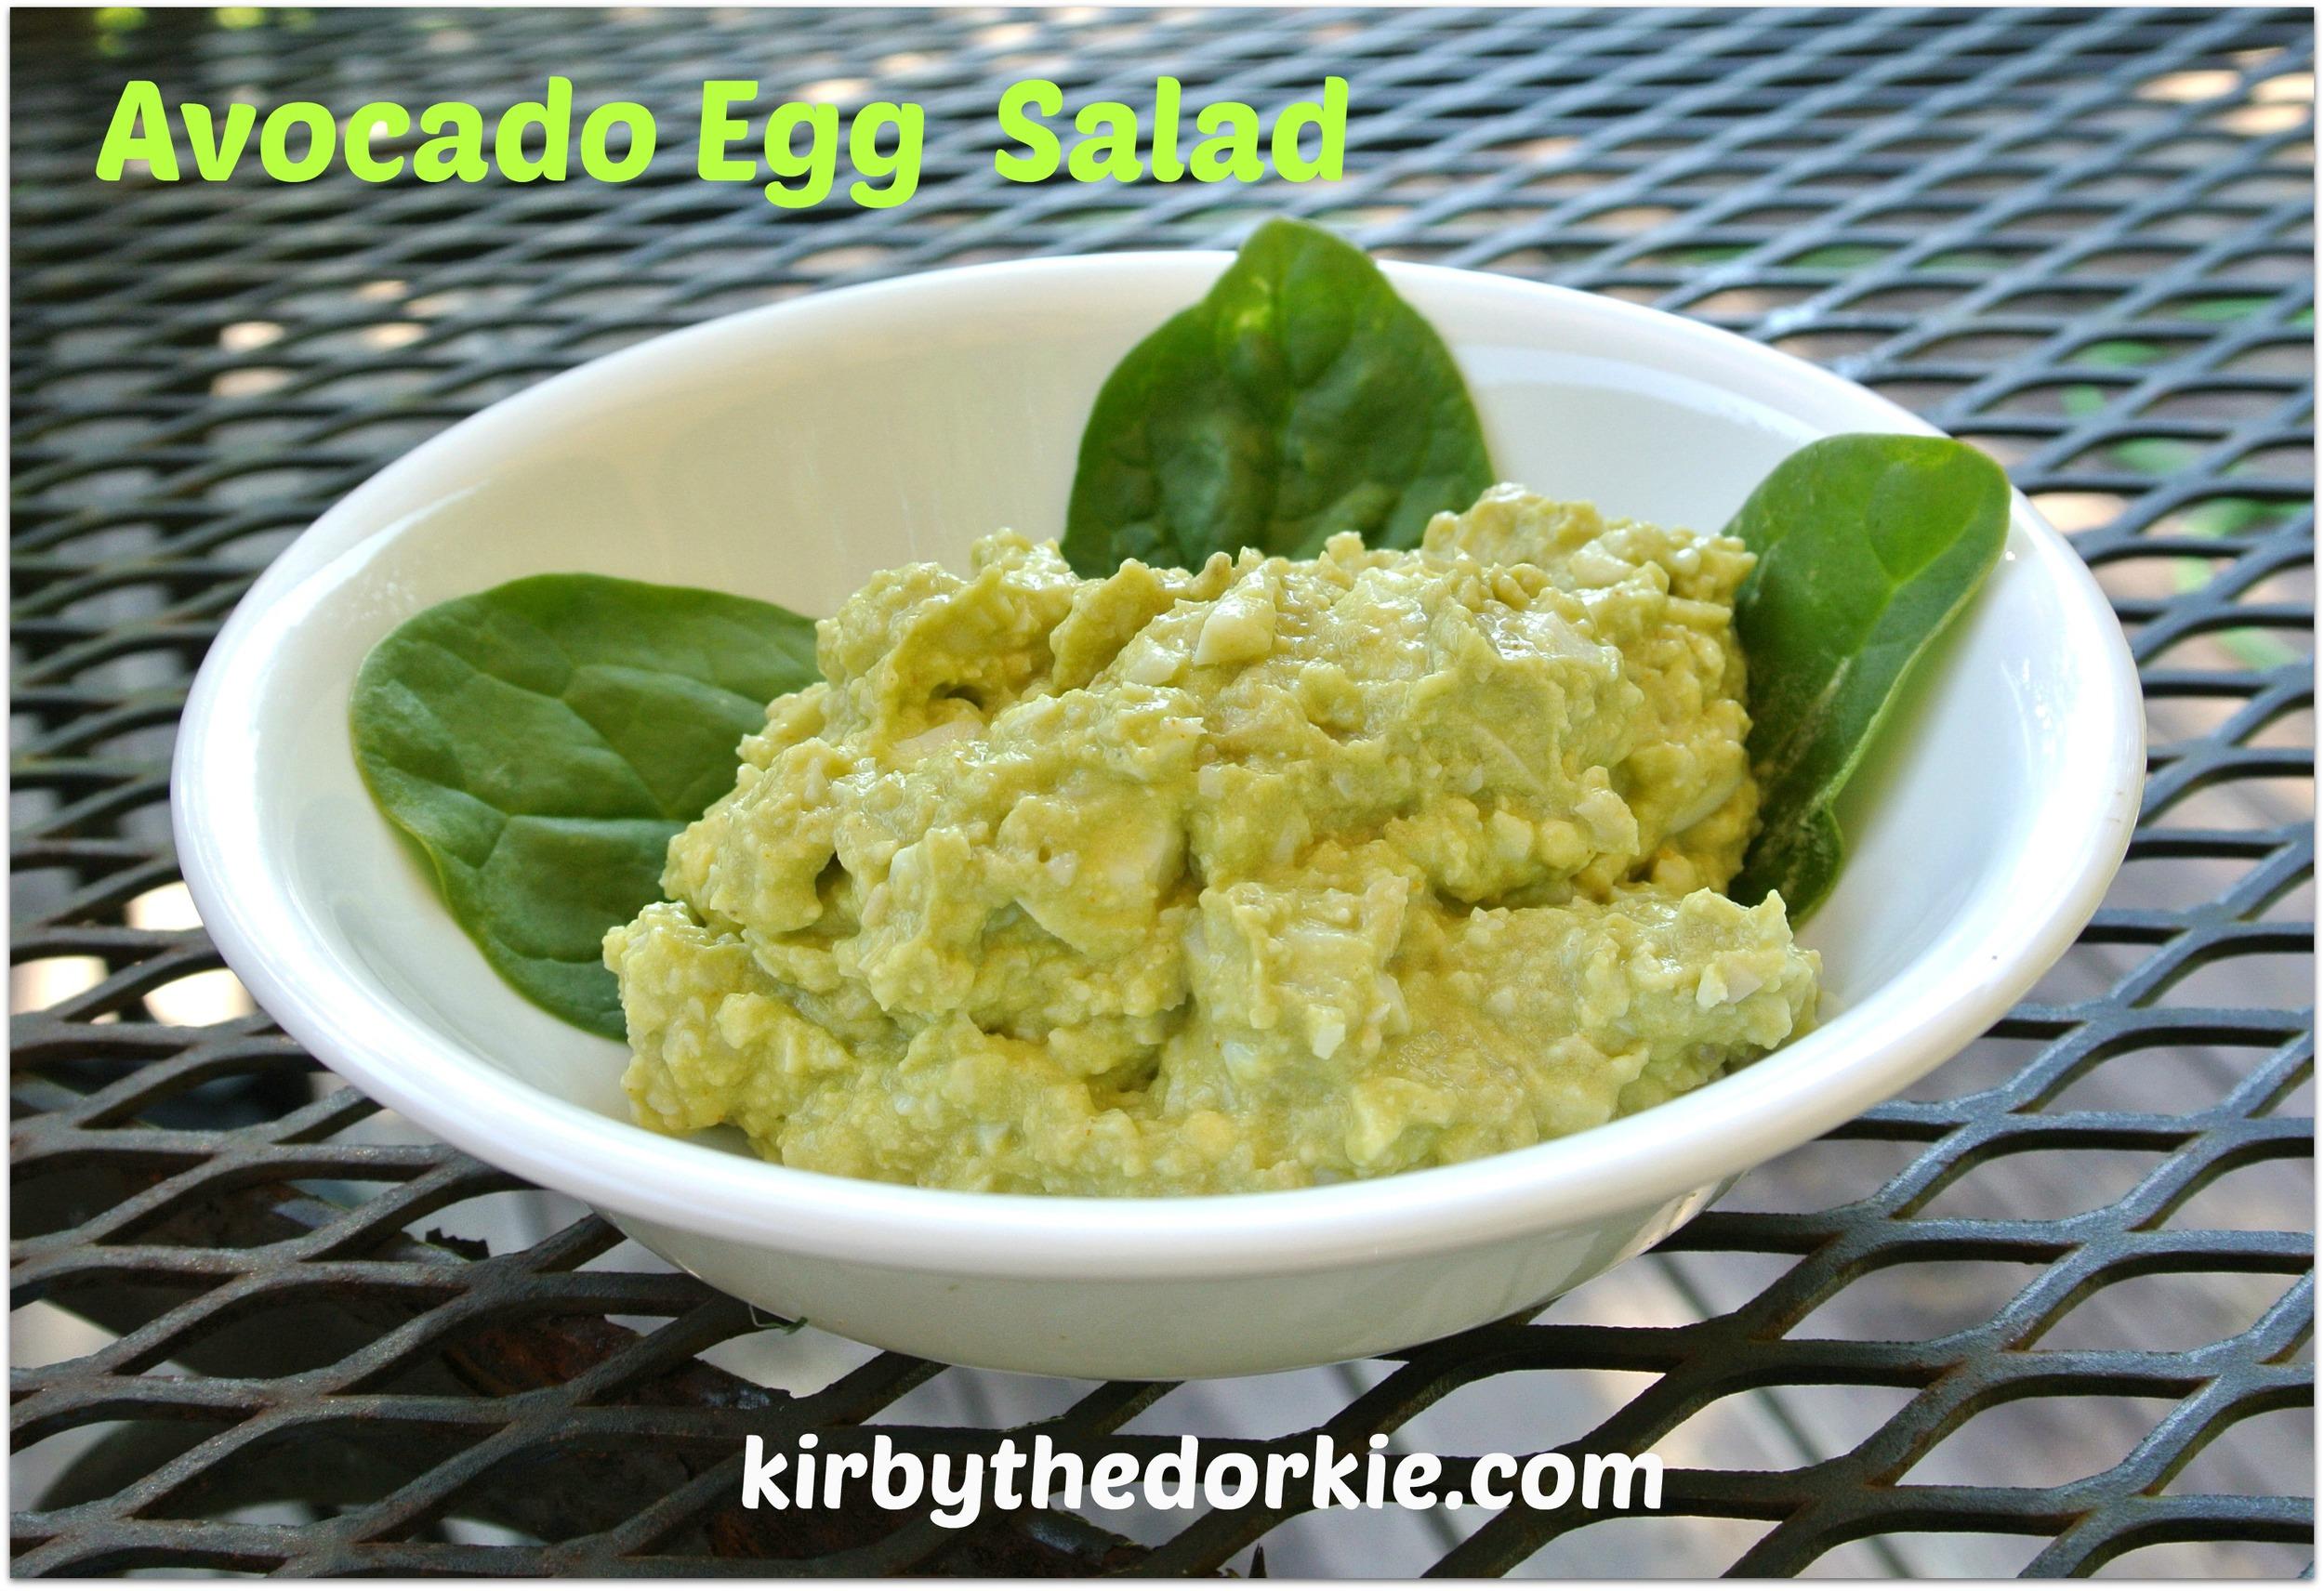 *Avocado Egg Salad